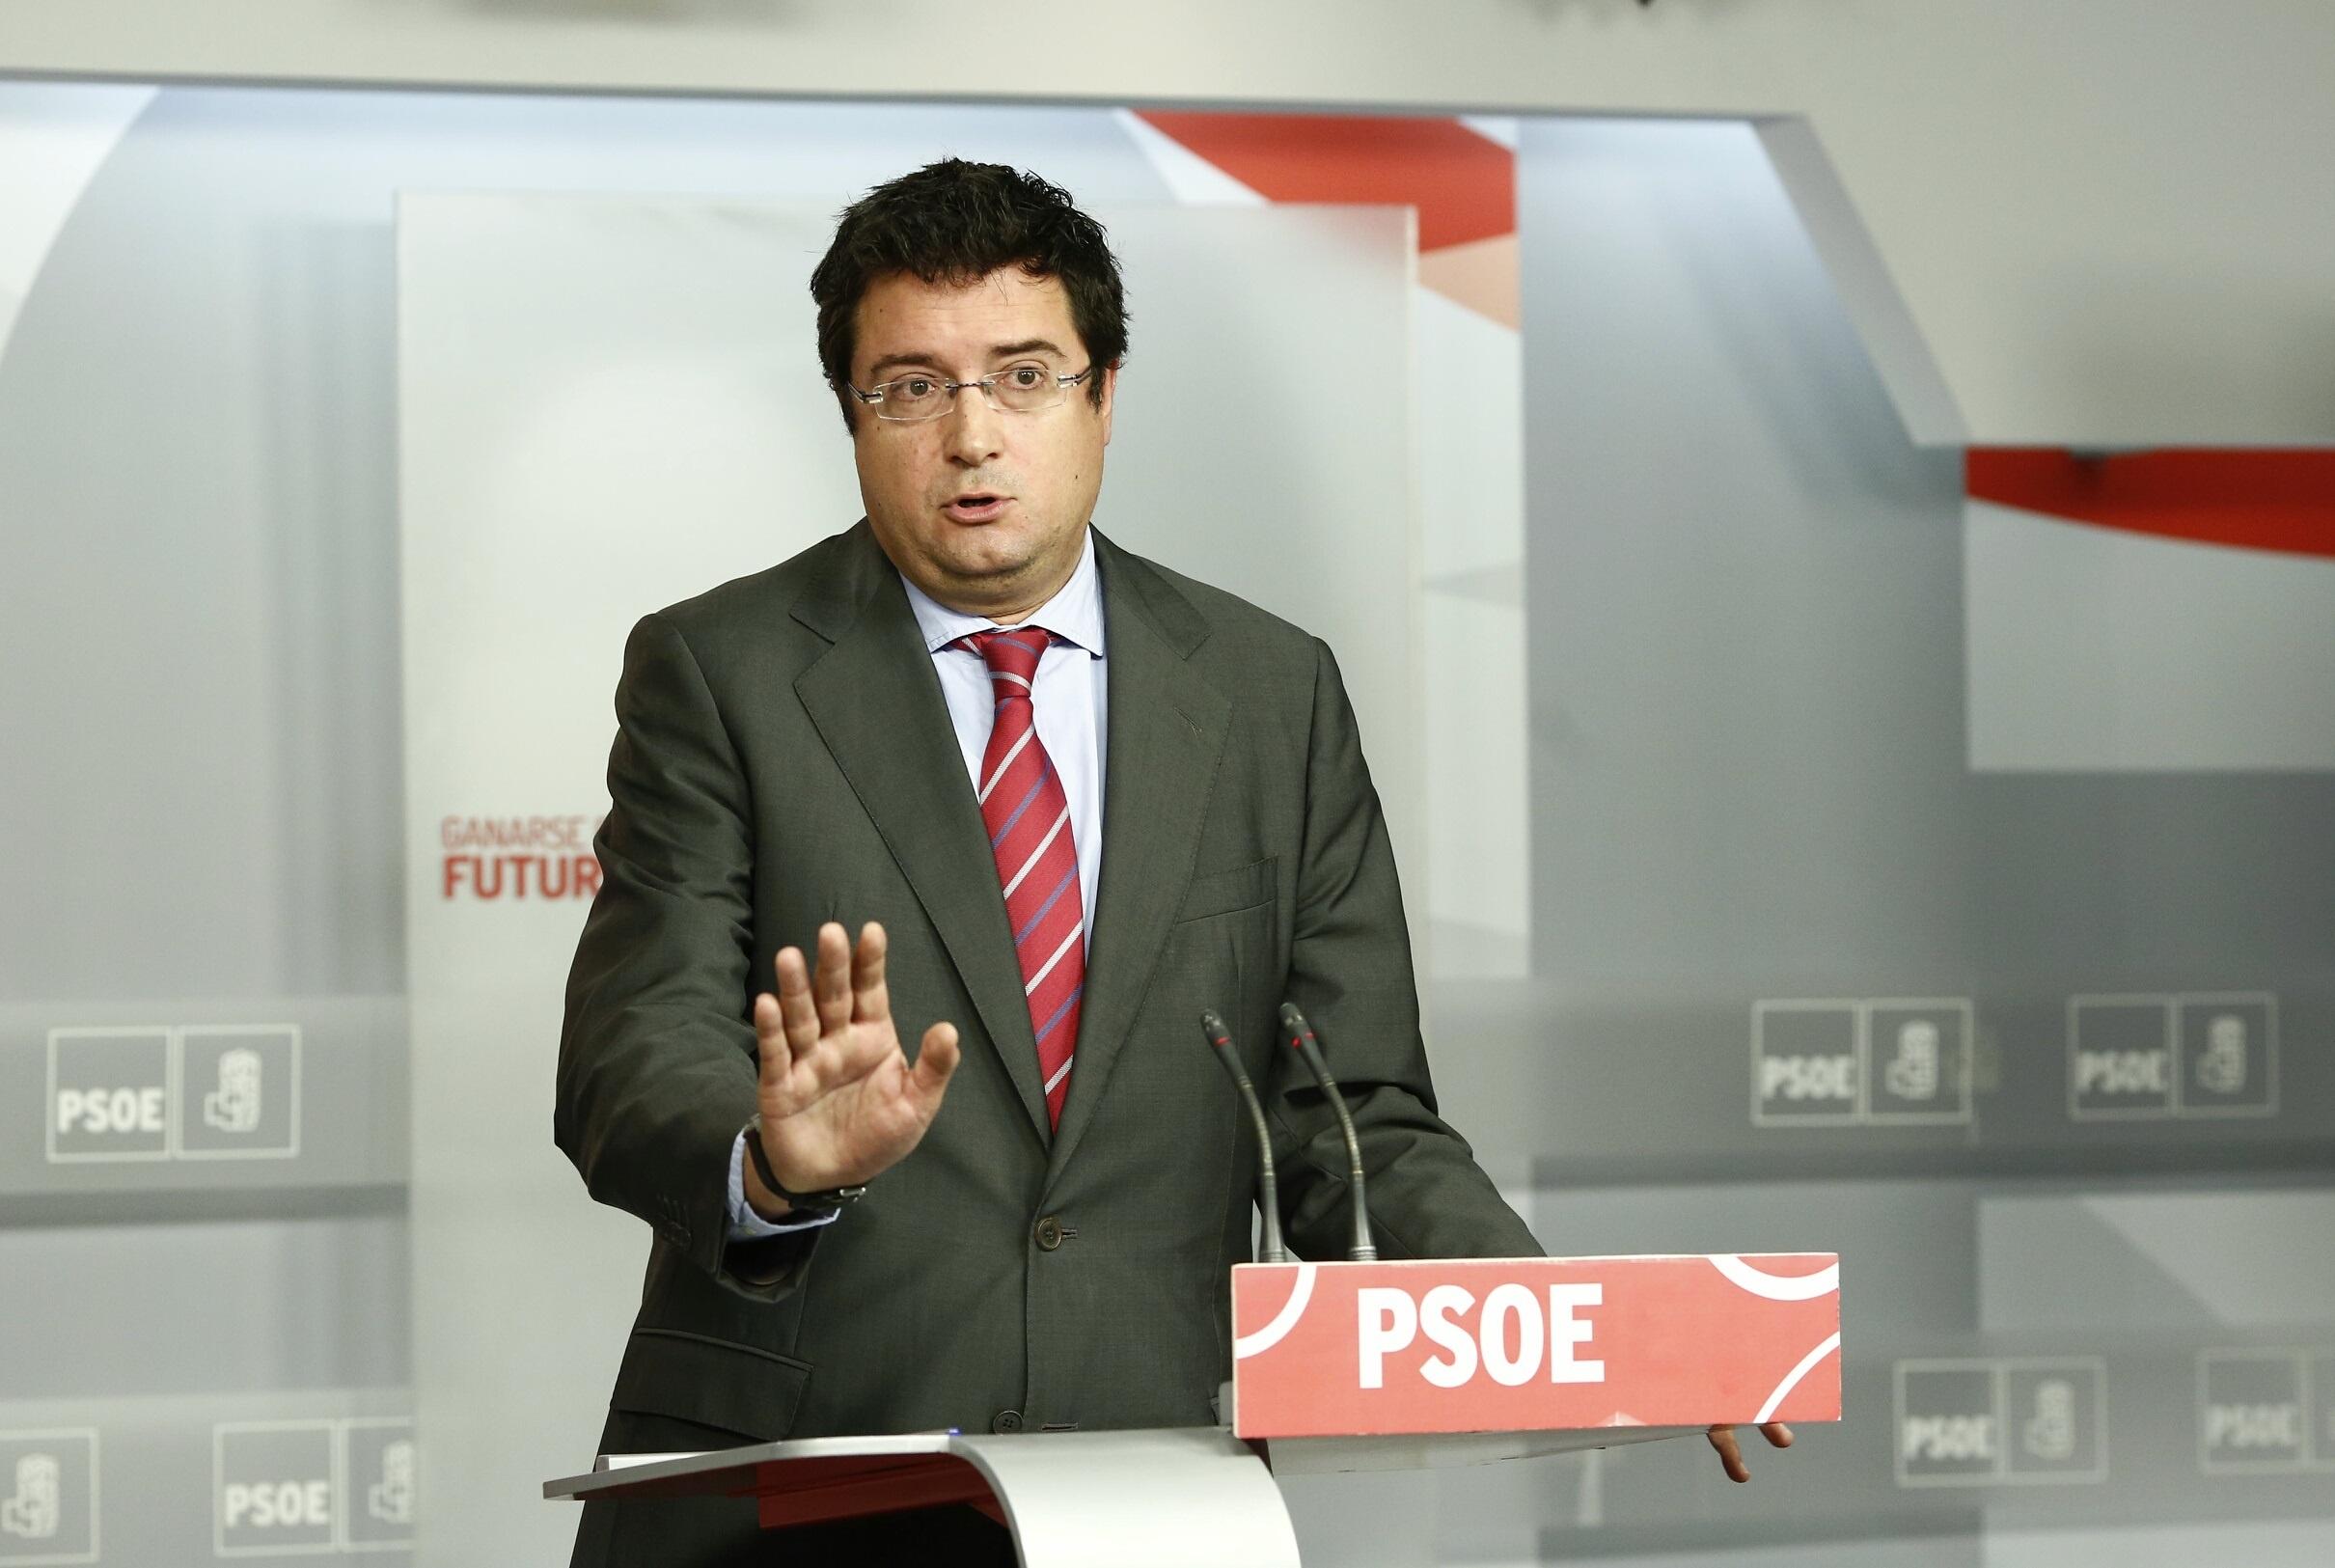 El PSOE compara a Cospedal con Ibarretxe al plantear una reforma estatutaria sin consenso